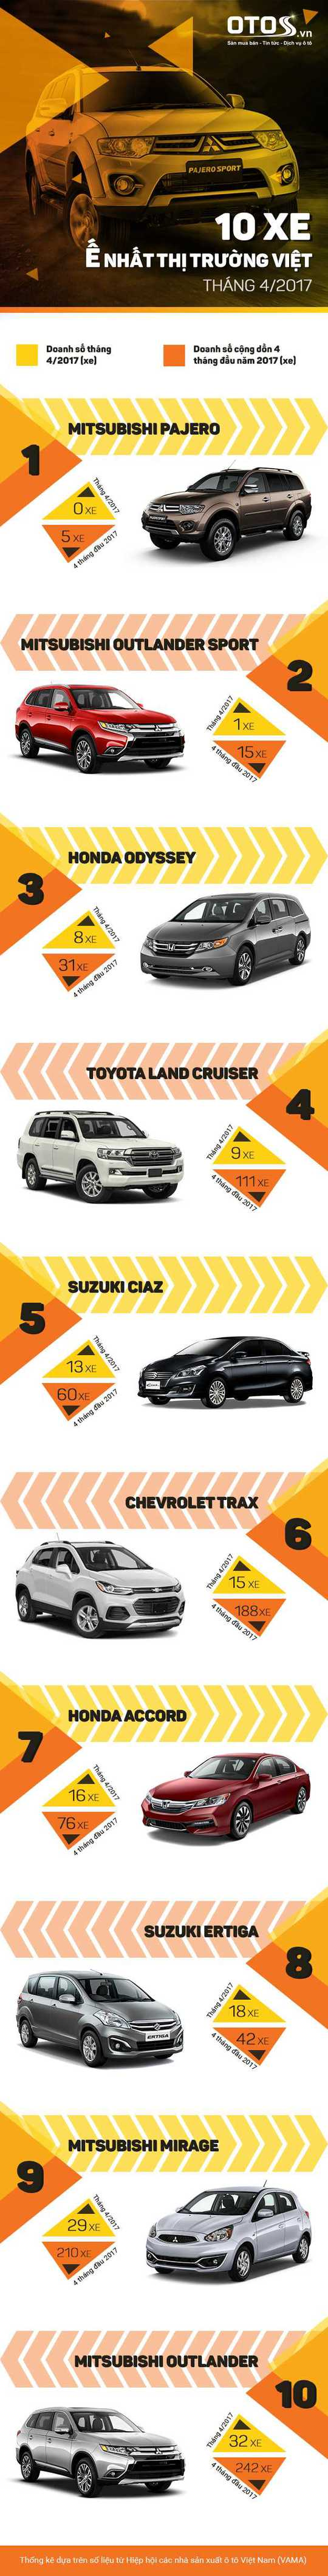 Xe nào ế nhất thị trường Việt tháng 4-2017? - Ảnh 1.